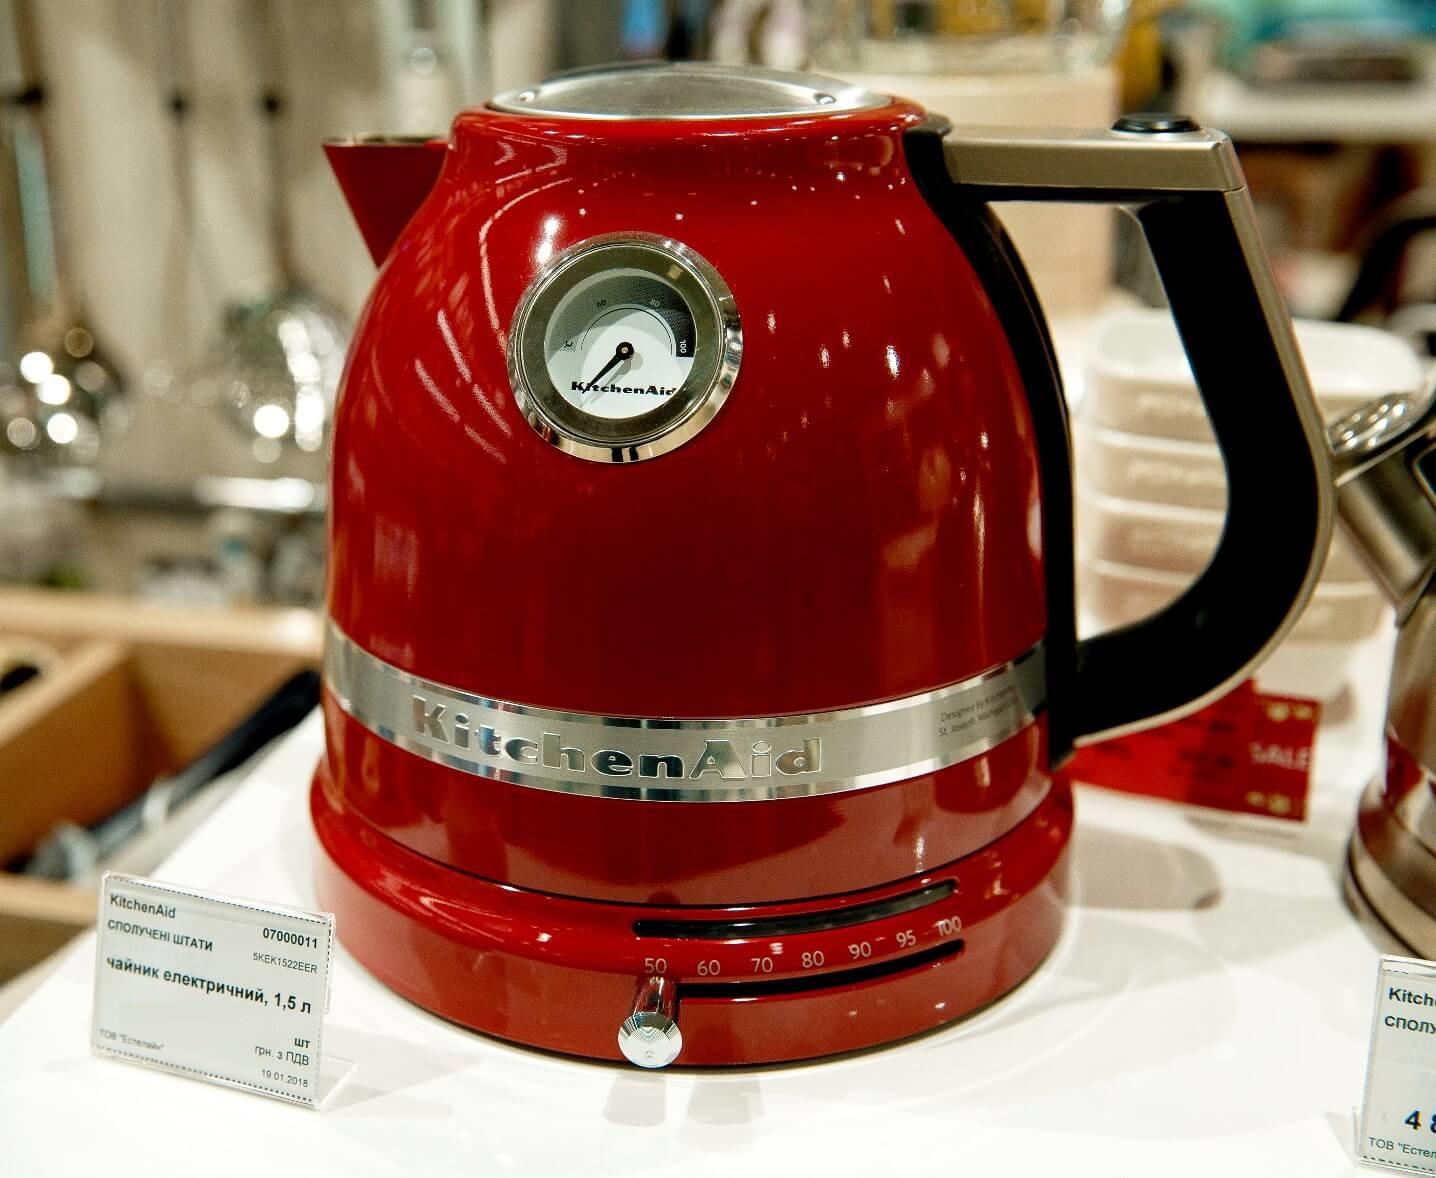 Чайник электрический1,5 л KitchenAid  Красный (5KEK1522EER) KitchenAid 5KEK1522EER фото 5